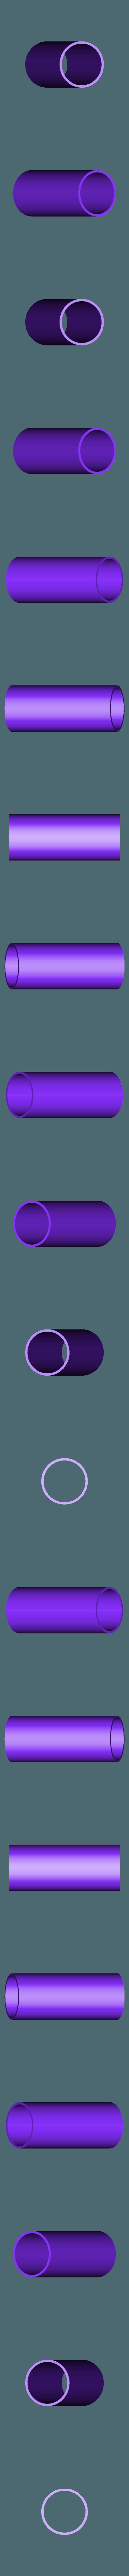 Rainbow.stl Télécharger fichier STL gratuit Le turbo dameuse Kirby au tuyau Rainbow • Modèle imprimable en 3D, Punisher_4u